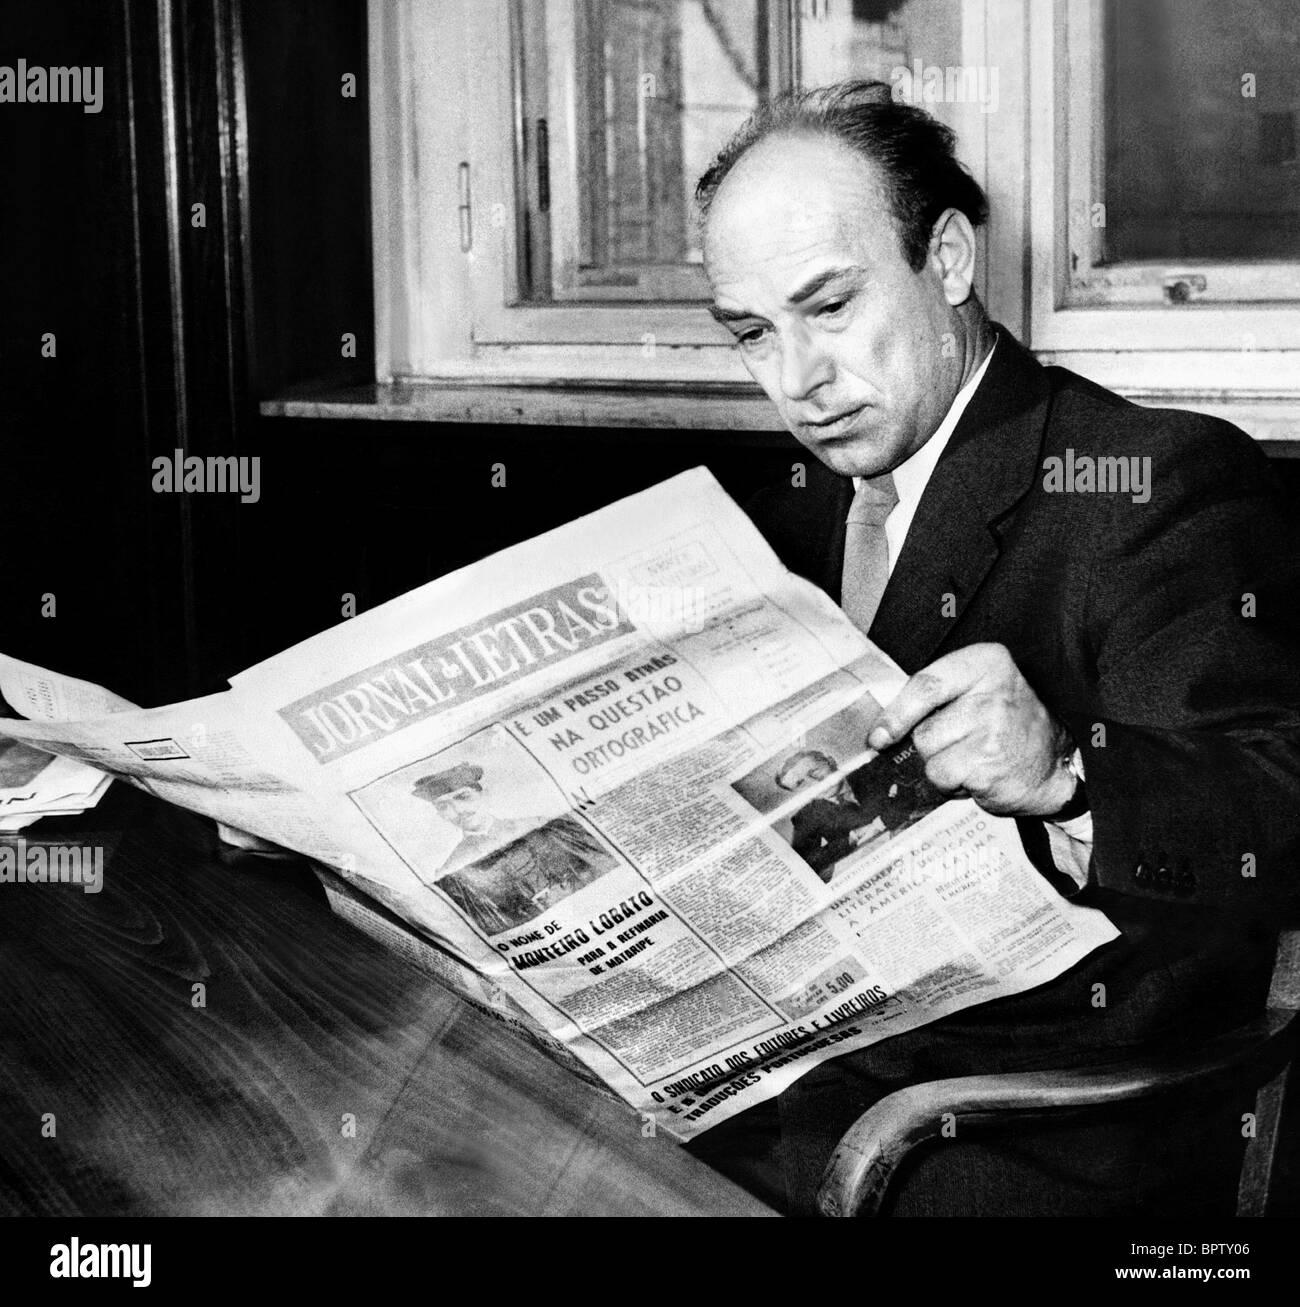 EDVARD CLAUDIUS WRITER (1957) - Stock Image